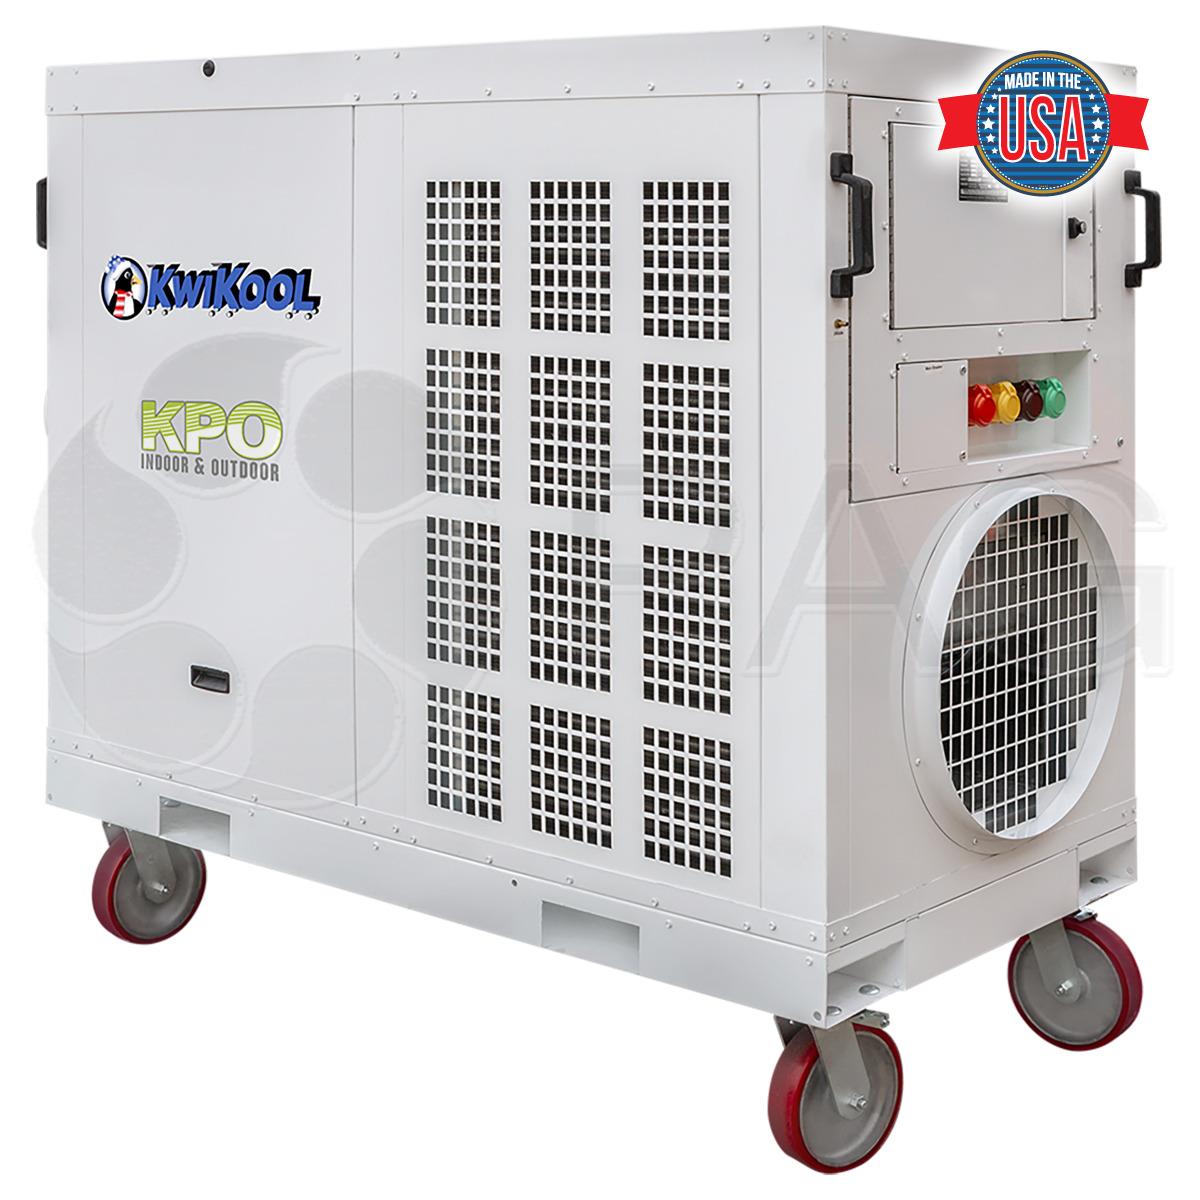 KwiKool KPO12-23 indoor/outdoor portable air conditioner